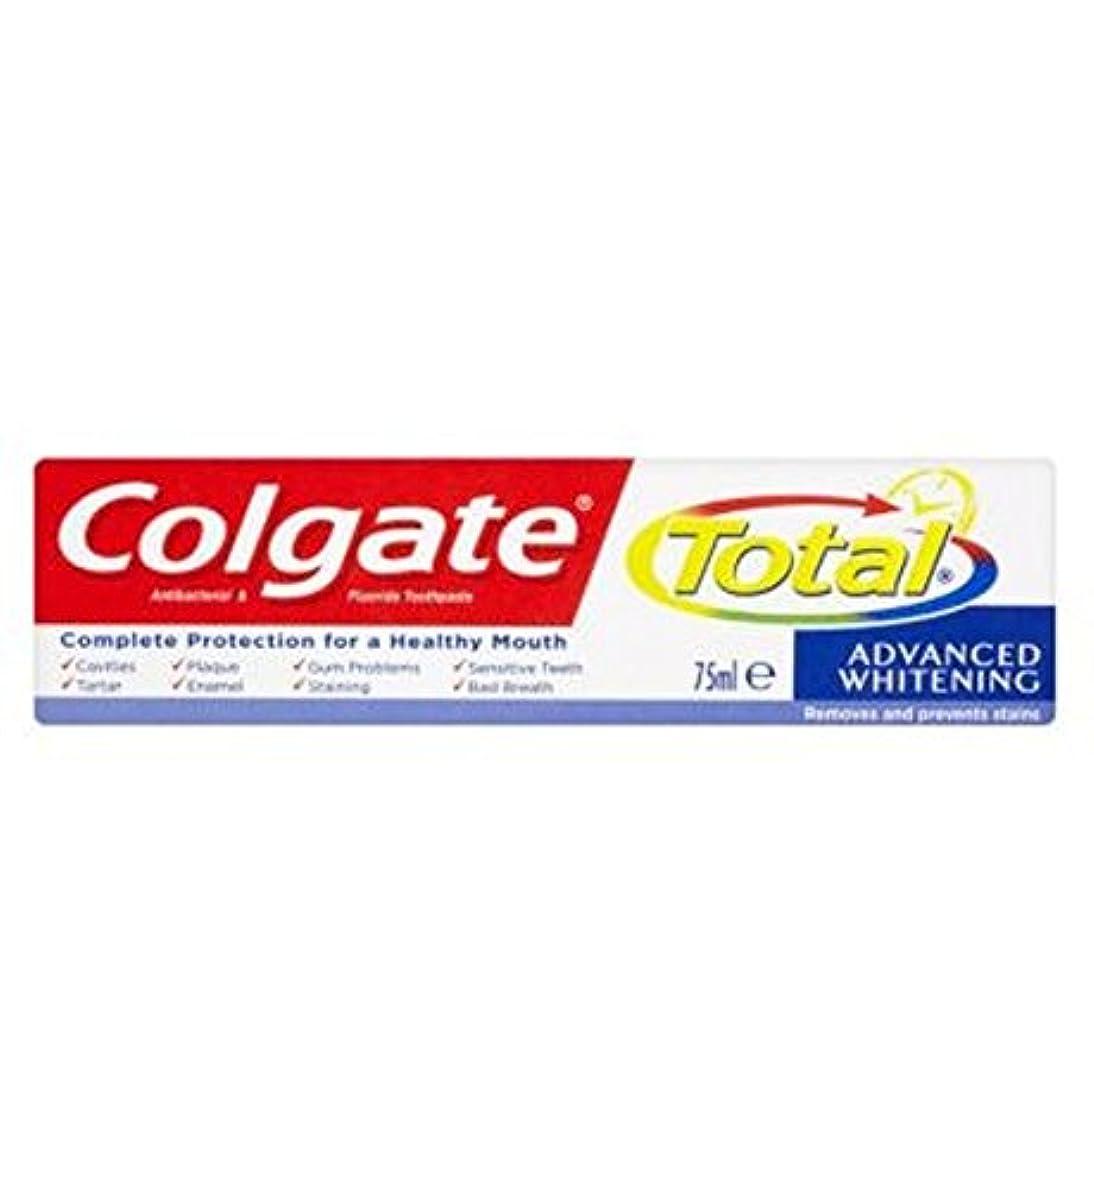 側週末シーボードコルゲートトータル高度なホワイトニング歯磨き粉75ミリリットル (Colgate) (x2) - Colgate Total Advanced Whitening toothpaste 75ml (Pack of 2) [並行輸入品]